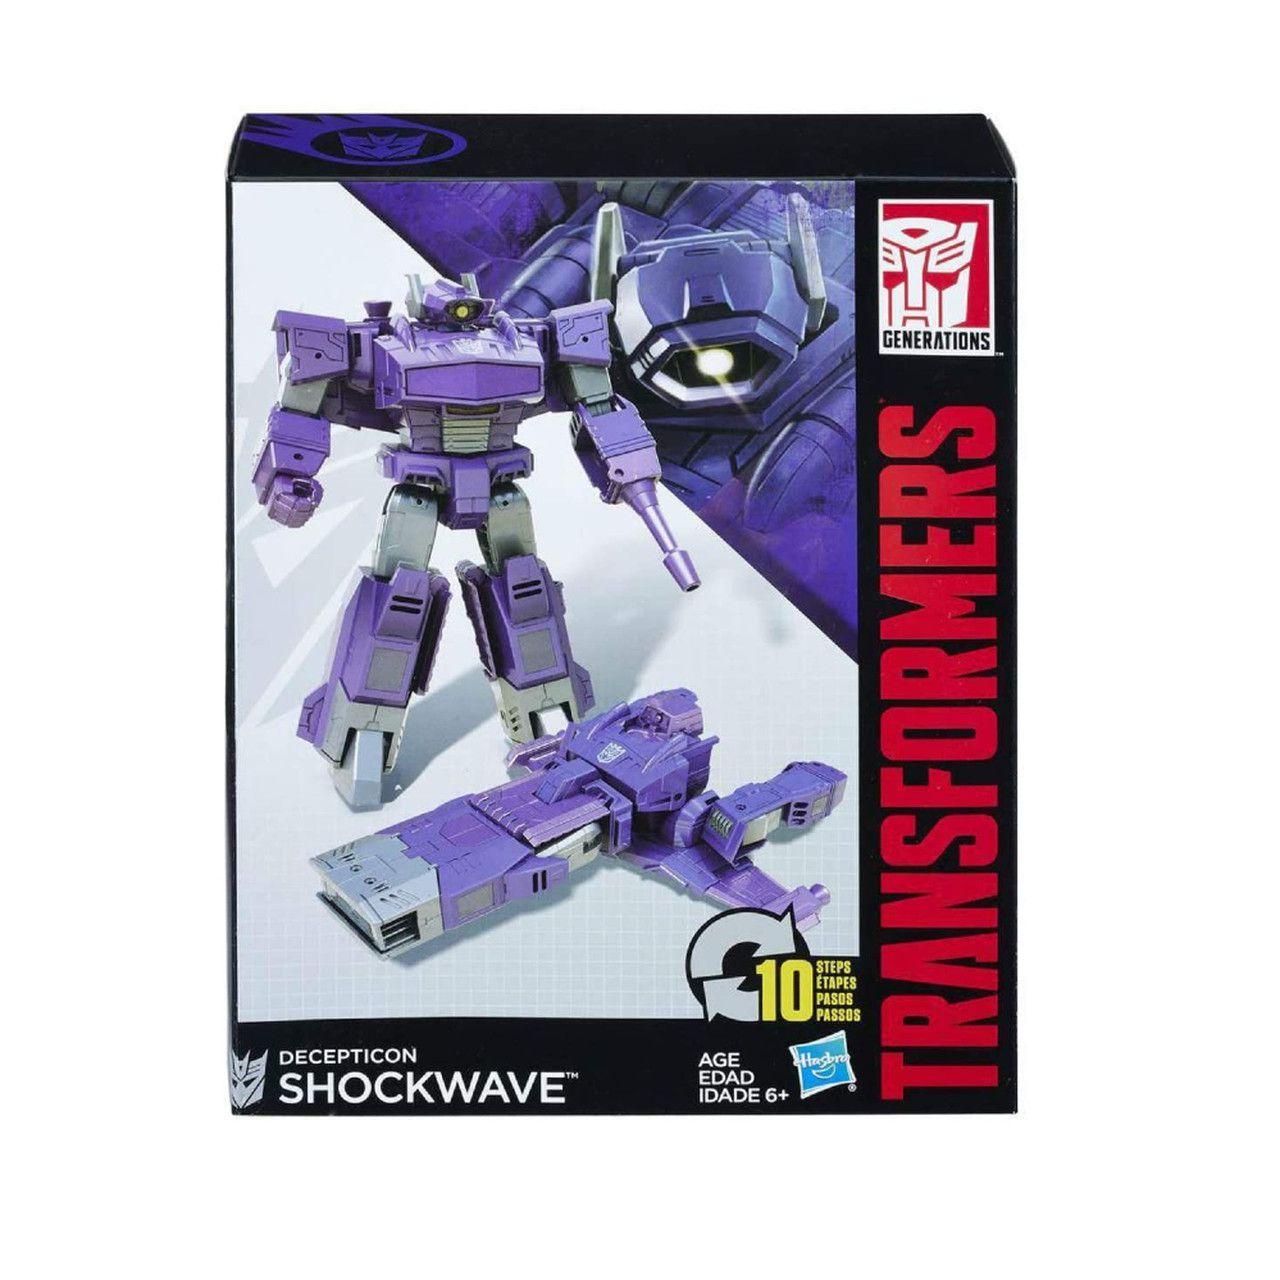 Boneco Transformers Decepticon Shockwave 18cm - Hasbro B0785